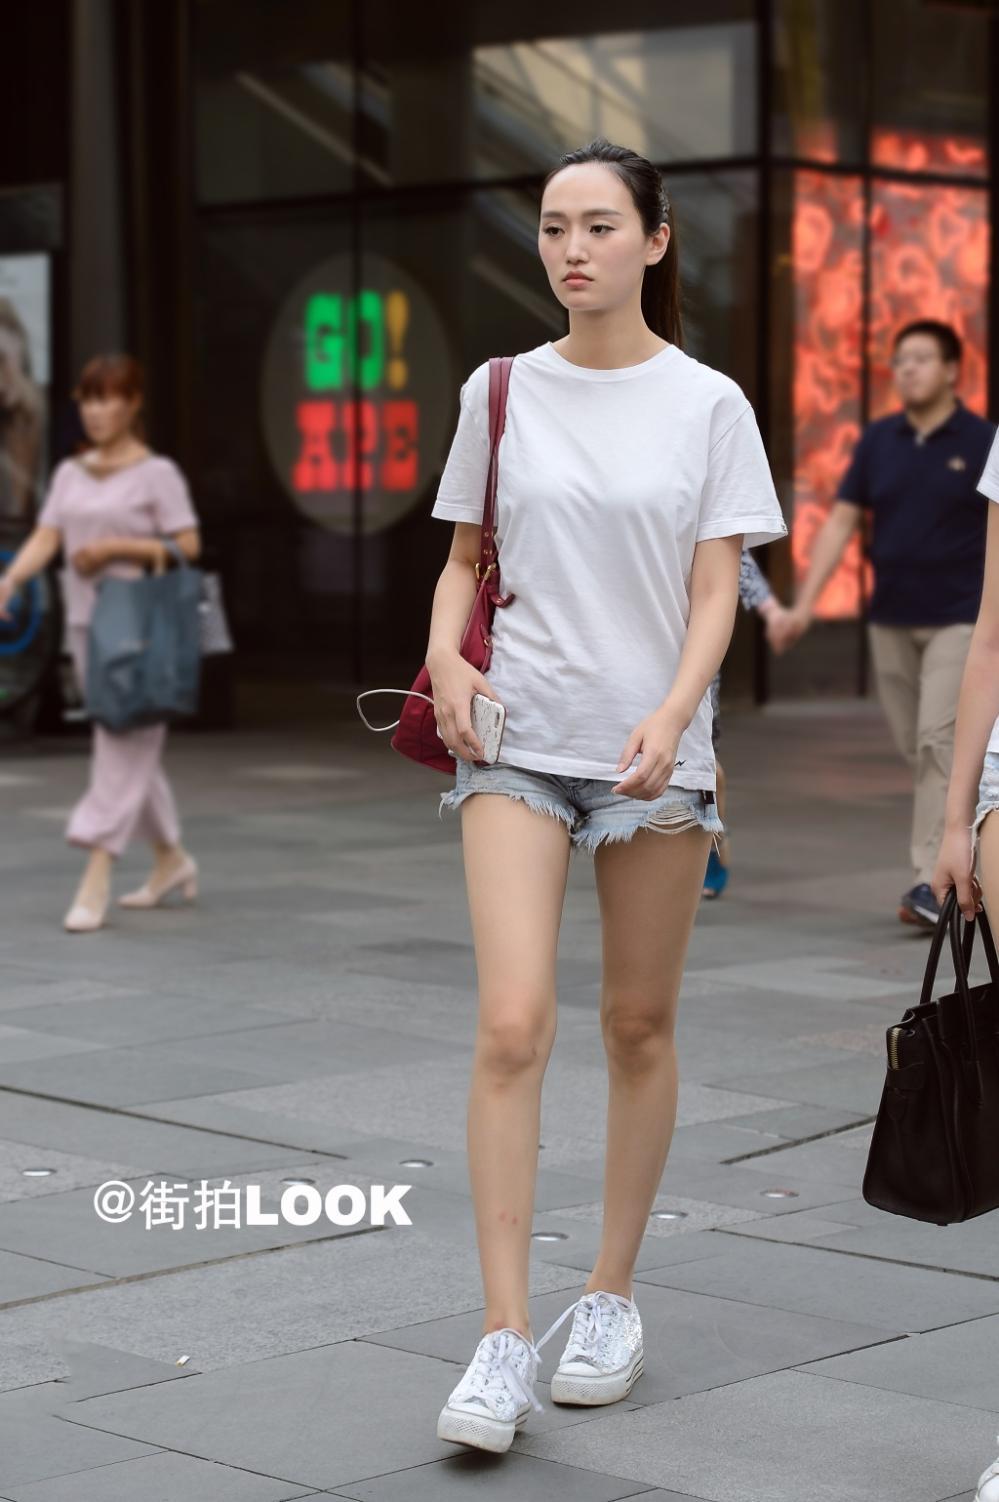 成都路人街拍, 太古里的潮人美女夏季穿搭特辑